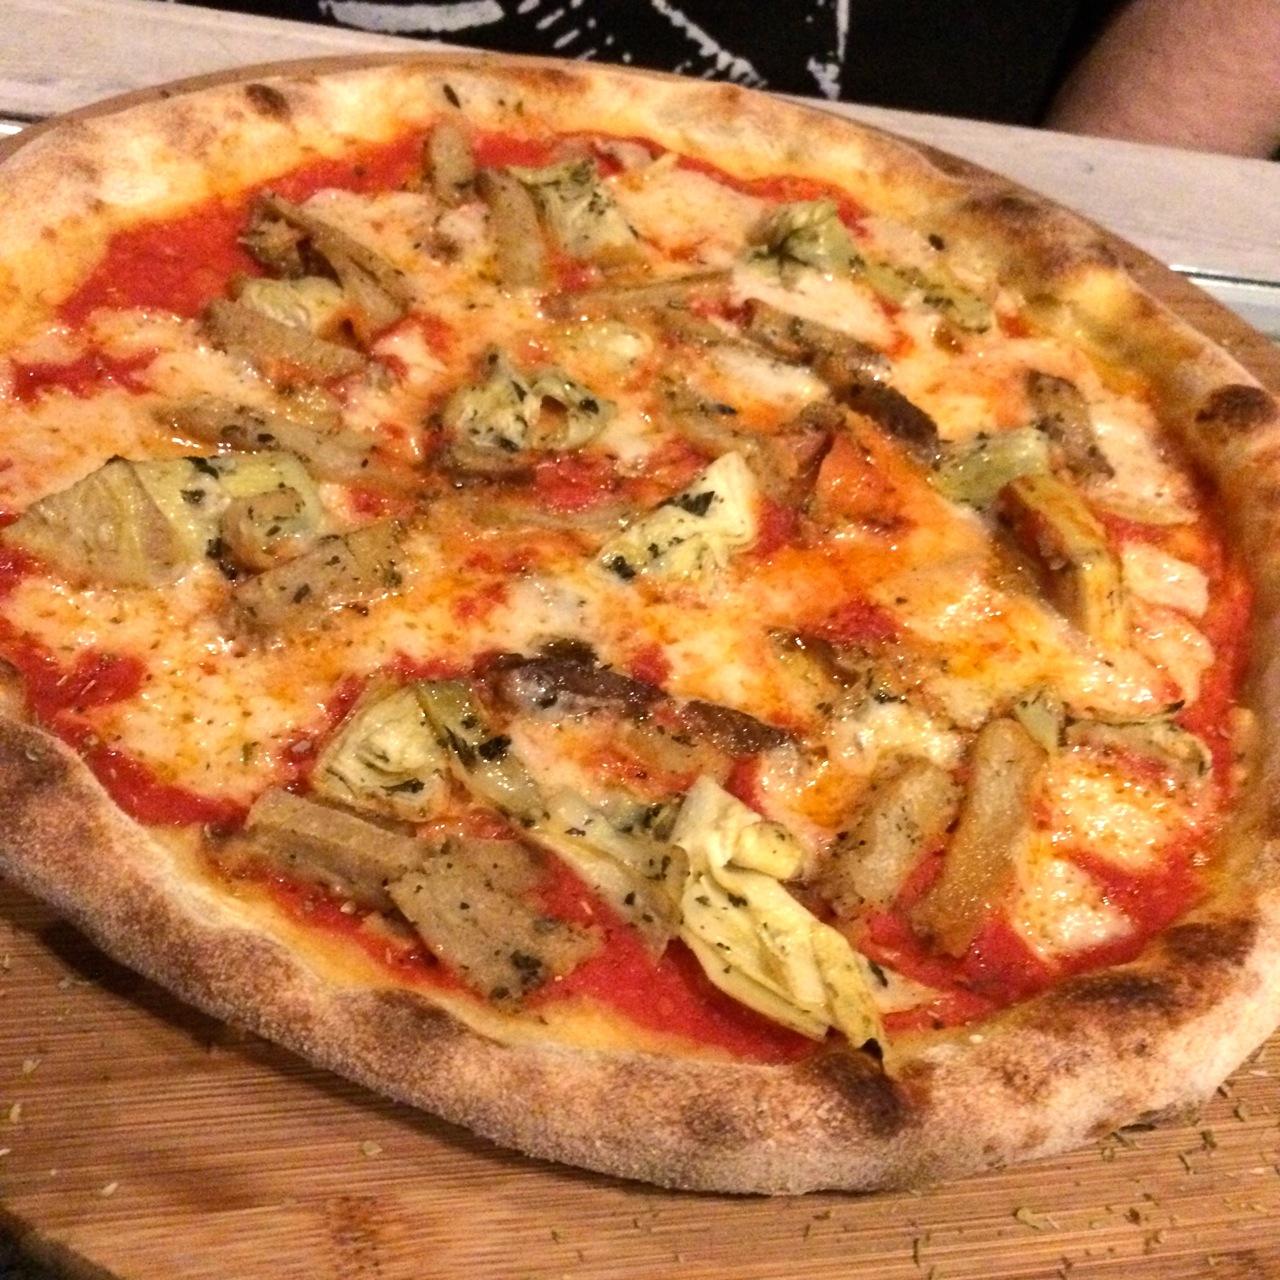 https://i0.wp.com/fatgayvegan.com/wp-content/uploads/2015/11/vegan-pizza.jpg?fit=1280%2C1280